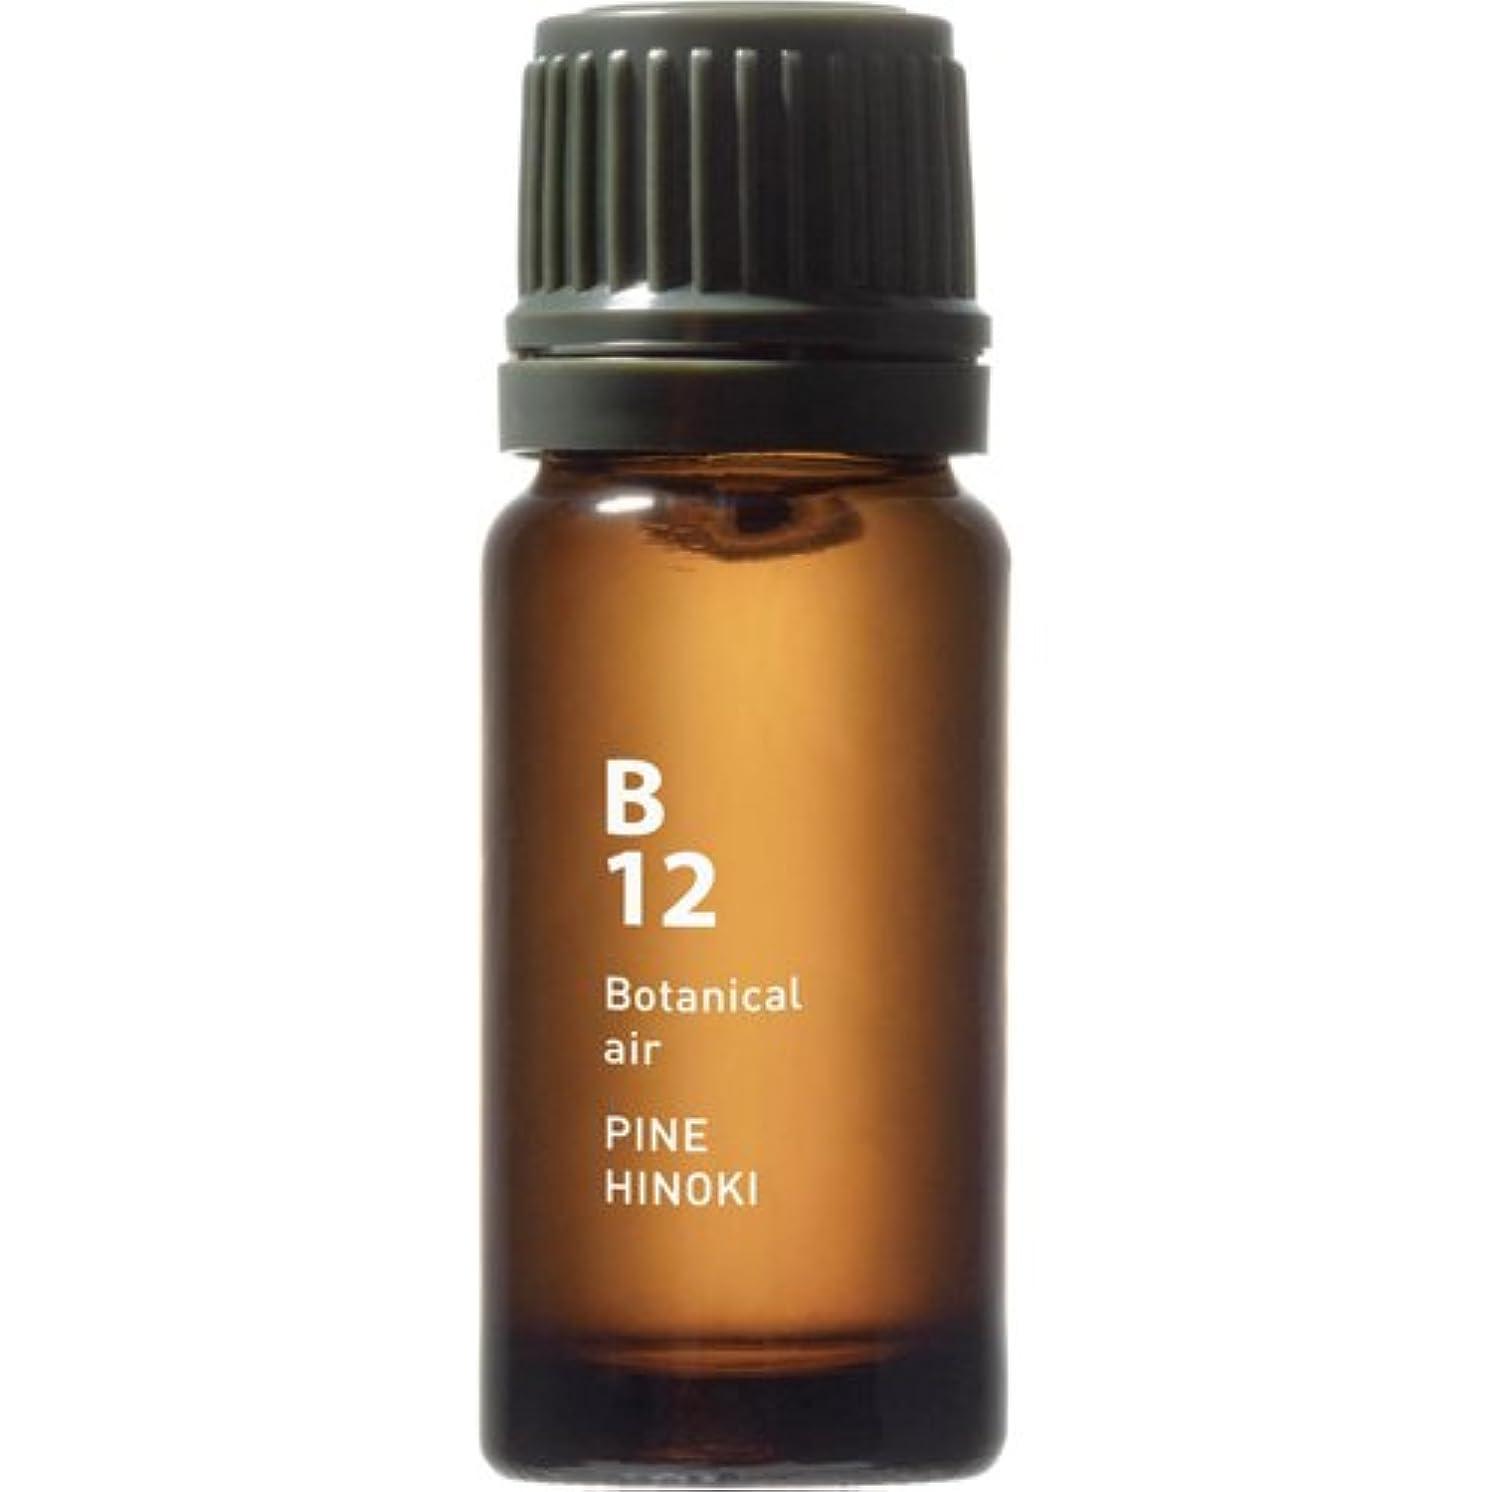 コーヒーに応じて虎B12 パインヒノキ Botanical air(ボタニカルエアー) 10ml